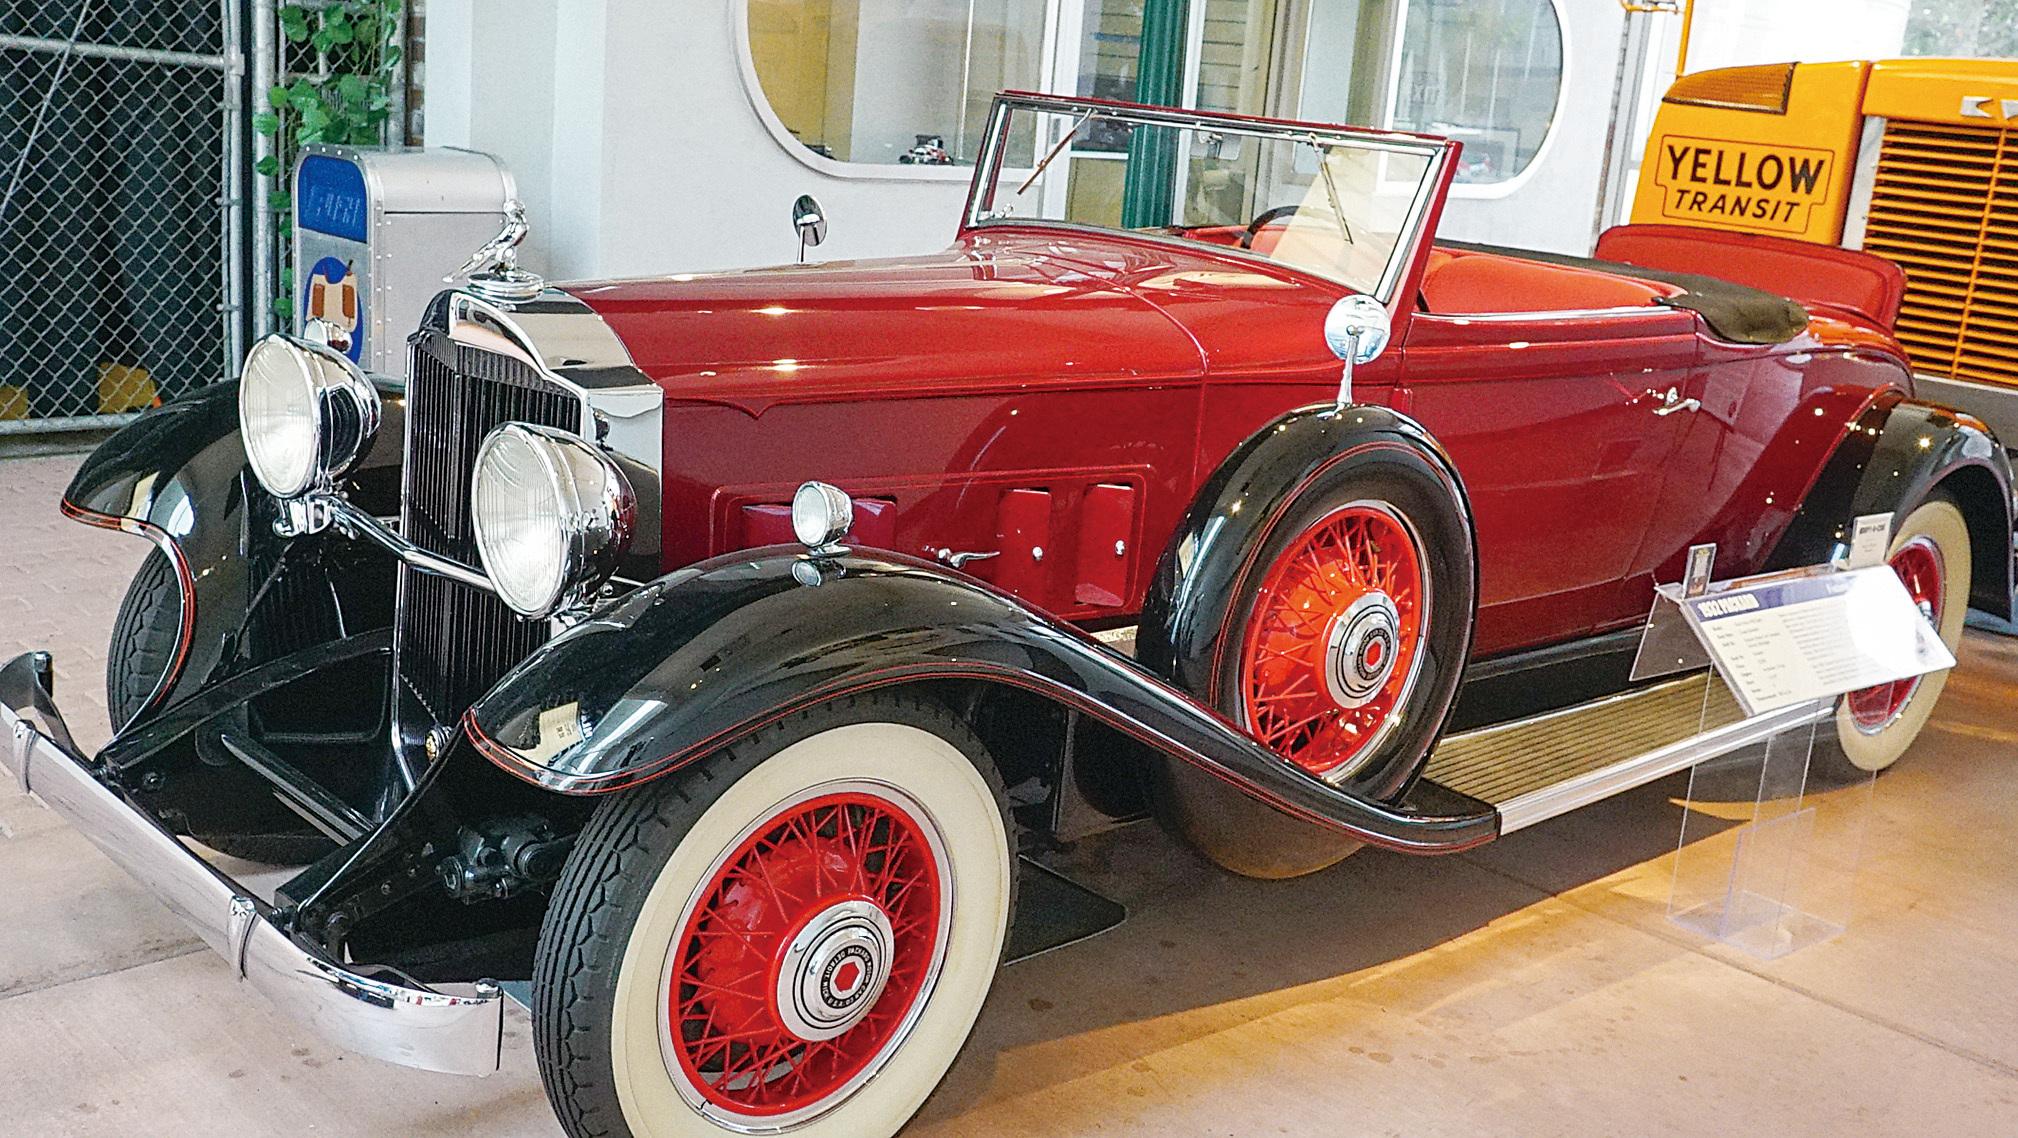 「最大的小城」雷諾見聞(三) 車迷聖地——汽車博物館